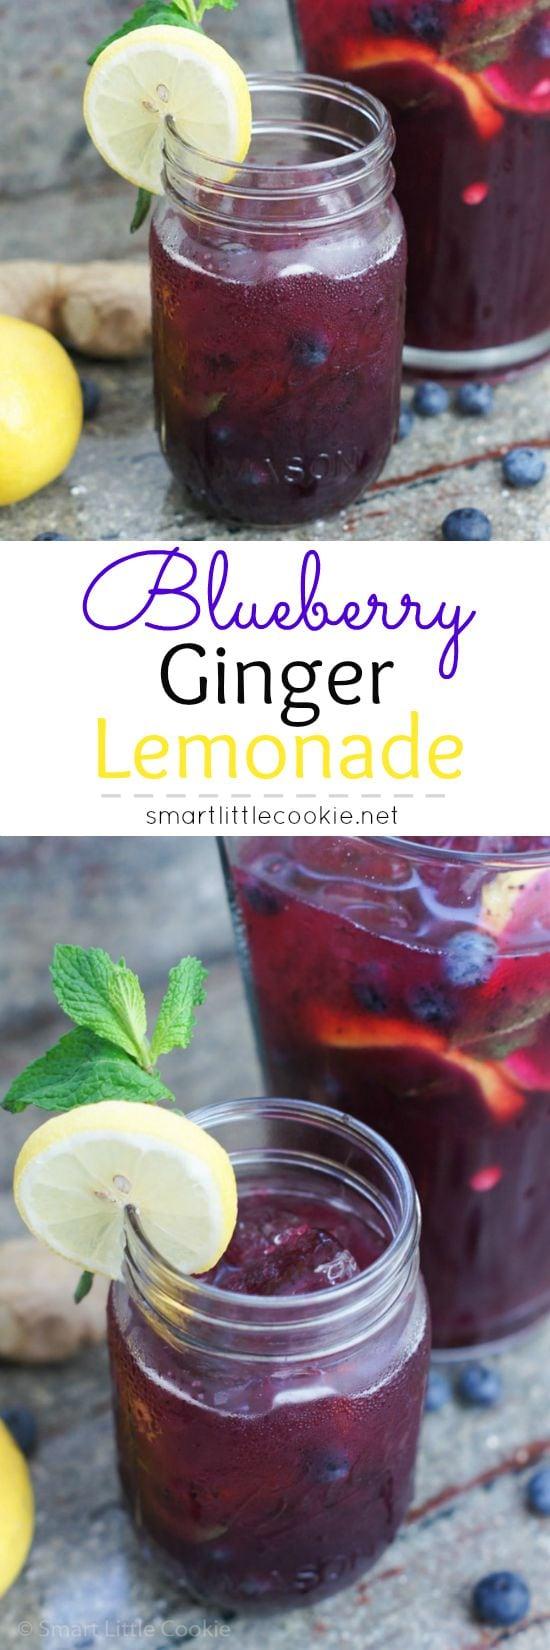 Blueberry Ginger Lemonade |smartlittlecookie.net